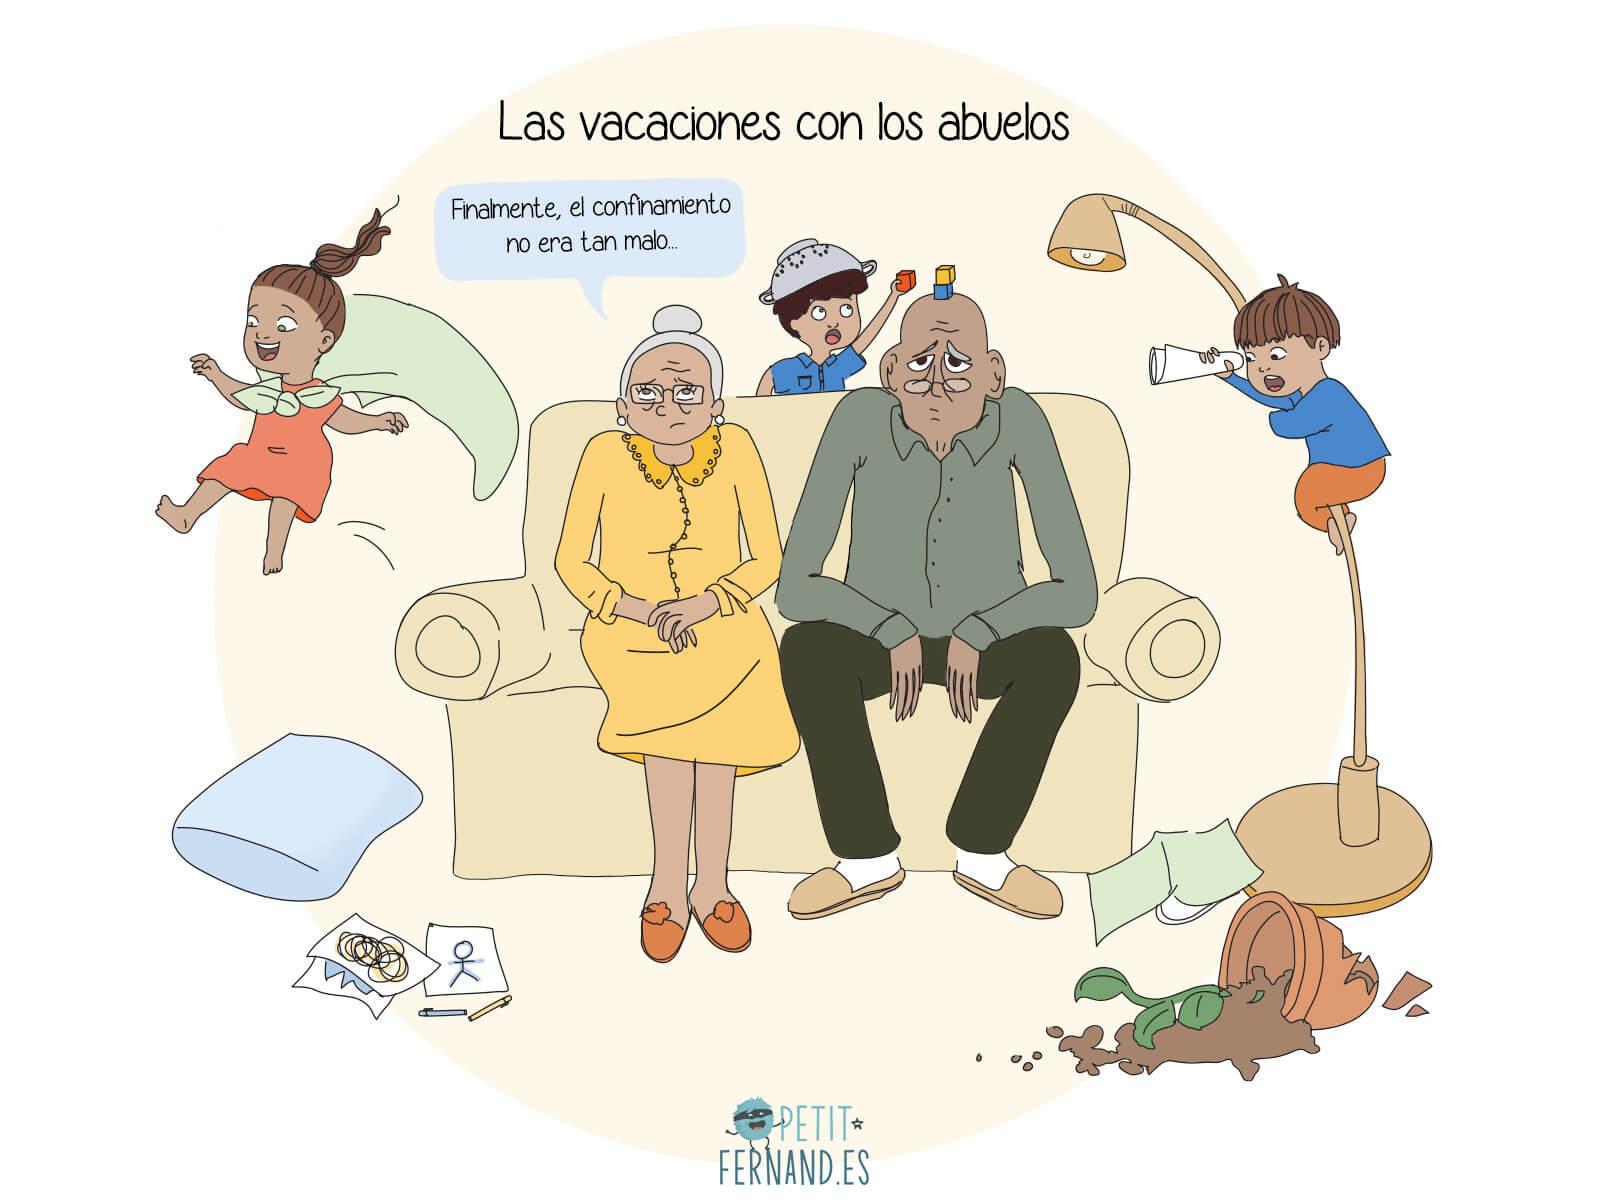 ¡Las vacaciones de los peques no serían lo mismo sin los abuelos!